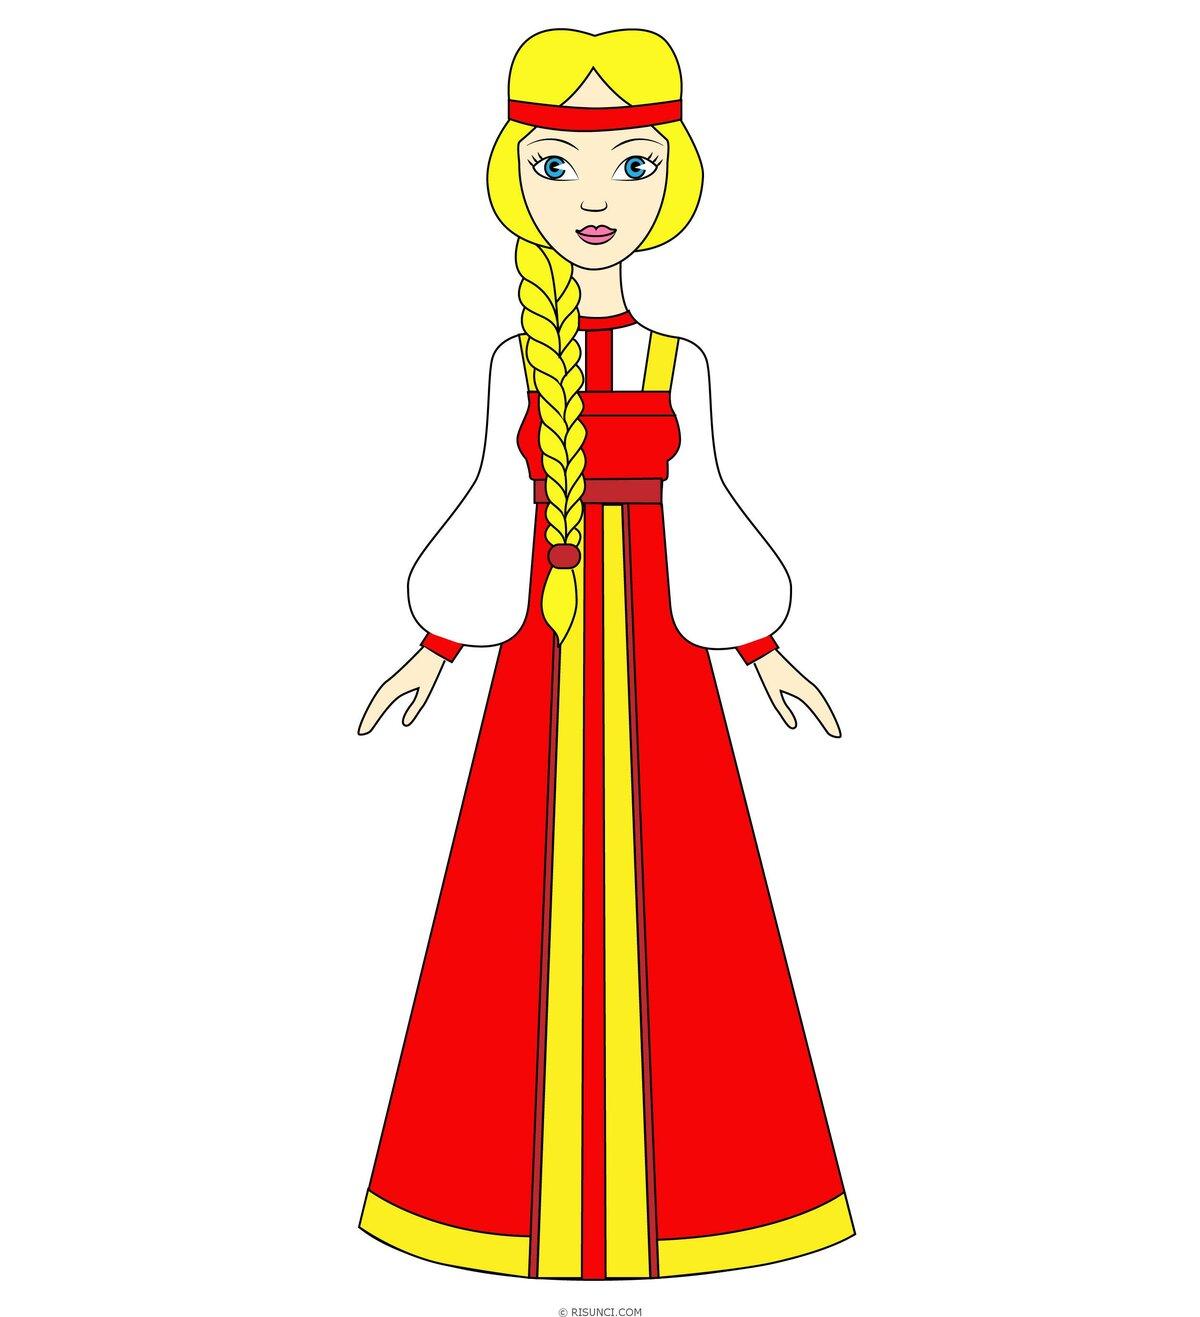 Рисунок на тему русский народный костюм